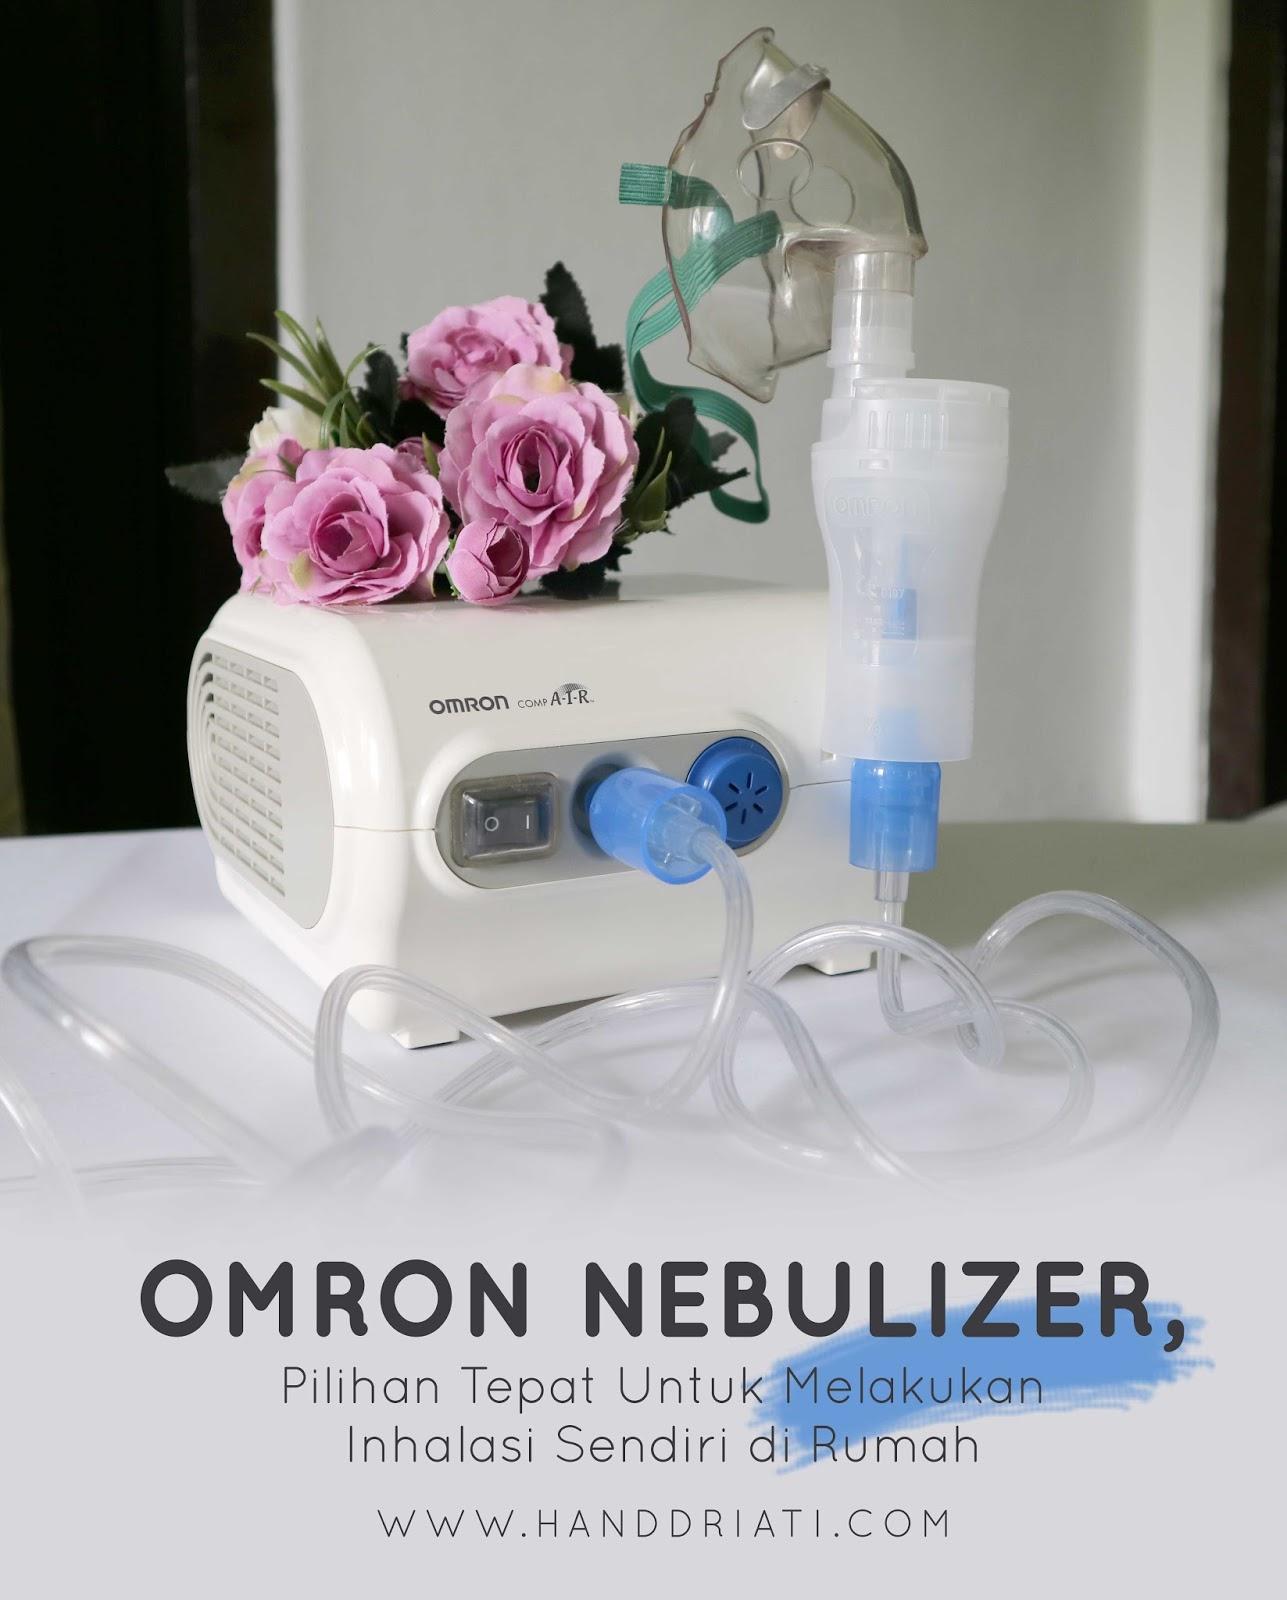 Omron Nebulizer Pilihan Tepat Untuk Melakukan Inhalasi Sendiri Di Rumah One Taste Millions Story